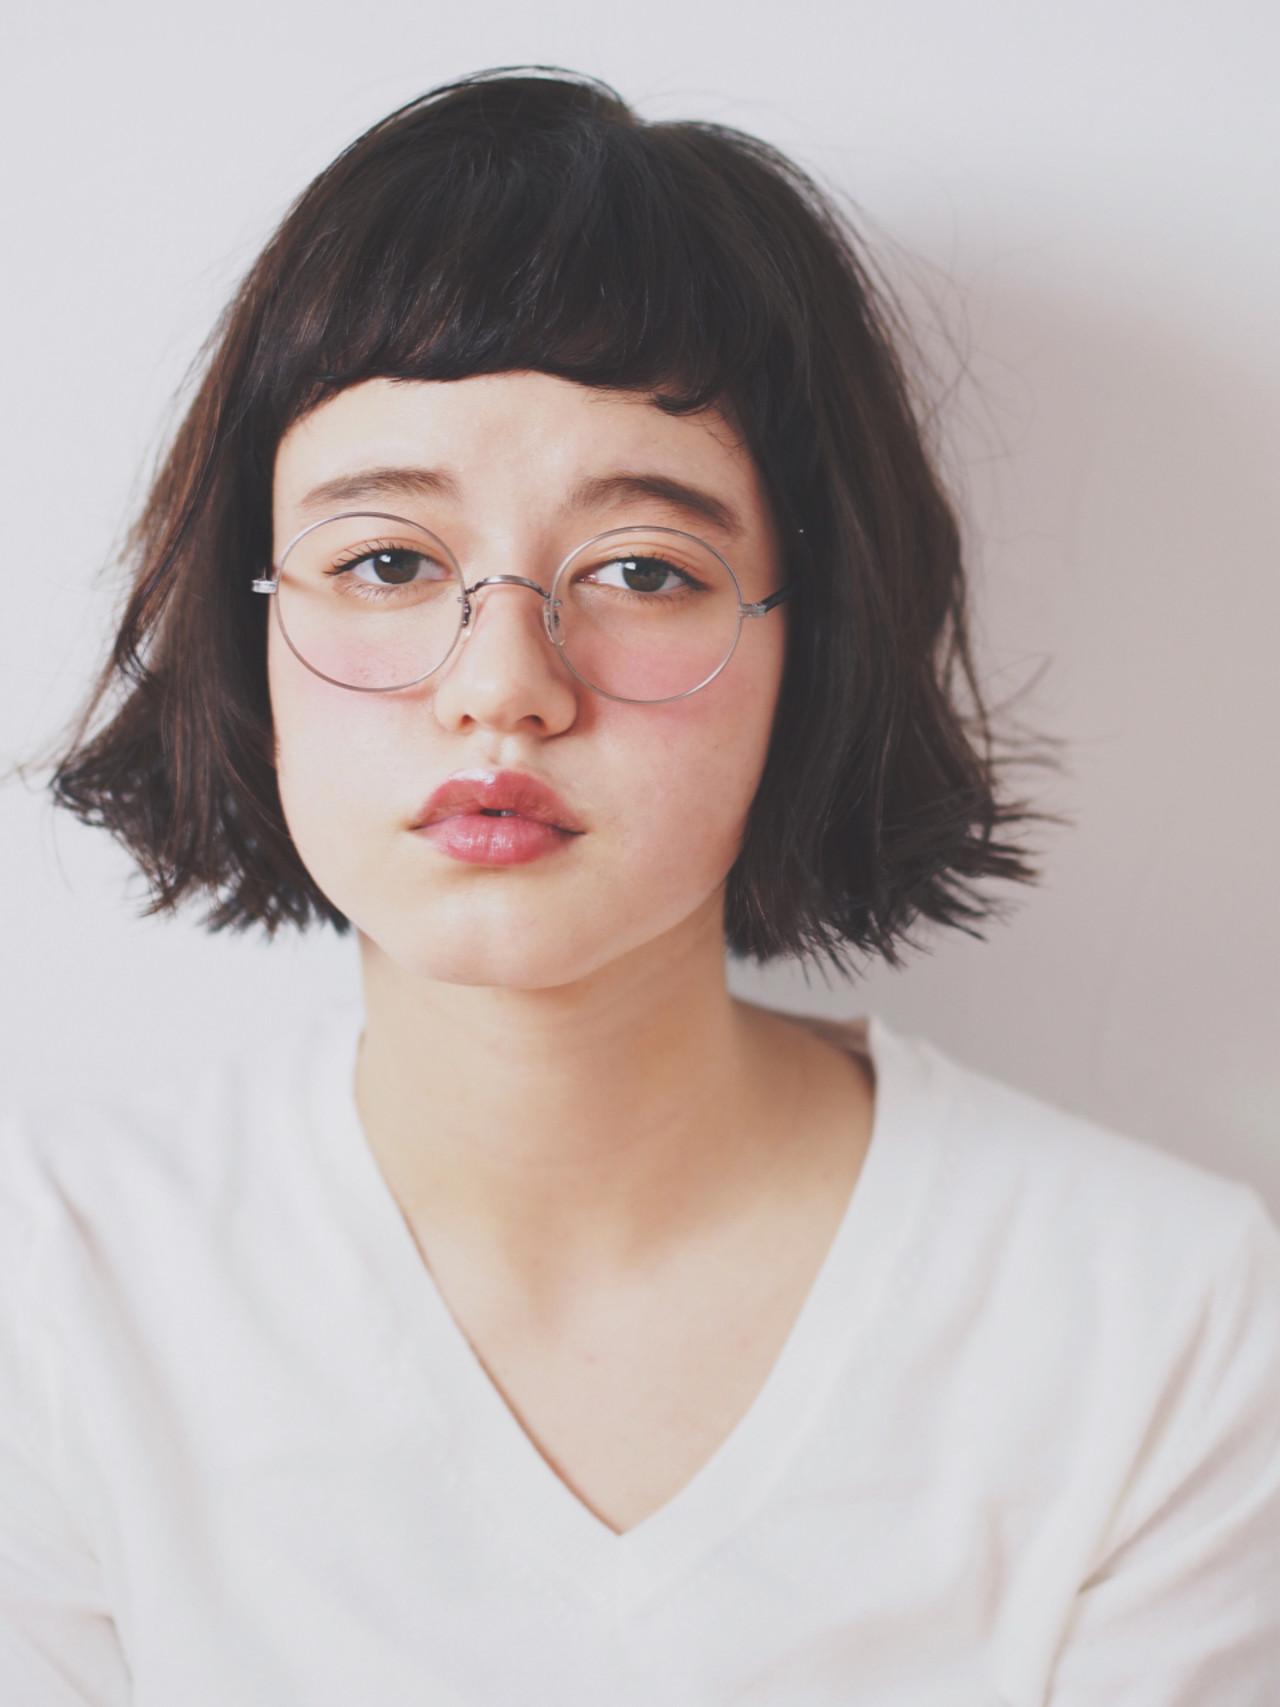 前髪あり パーマ 外国人風 アッシュ ヘアスタイルや髪型の写真・画像